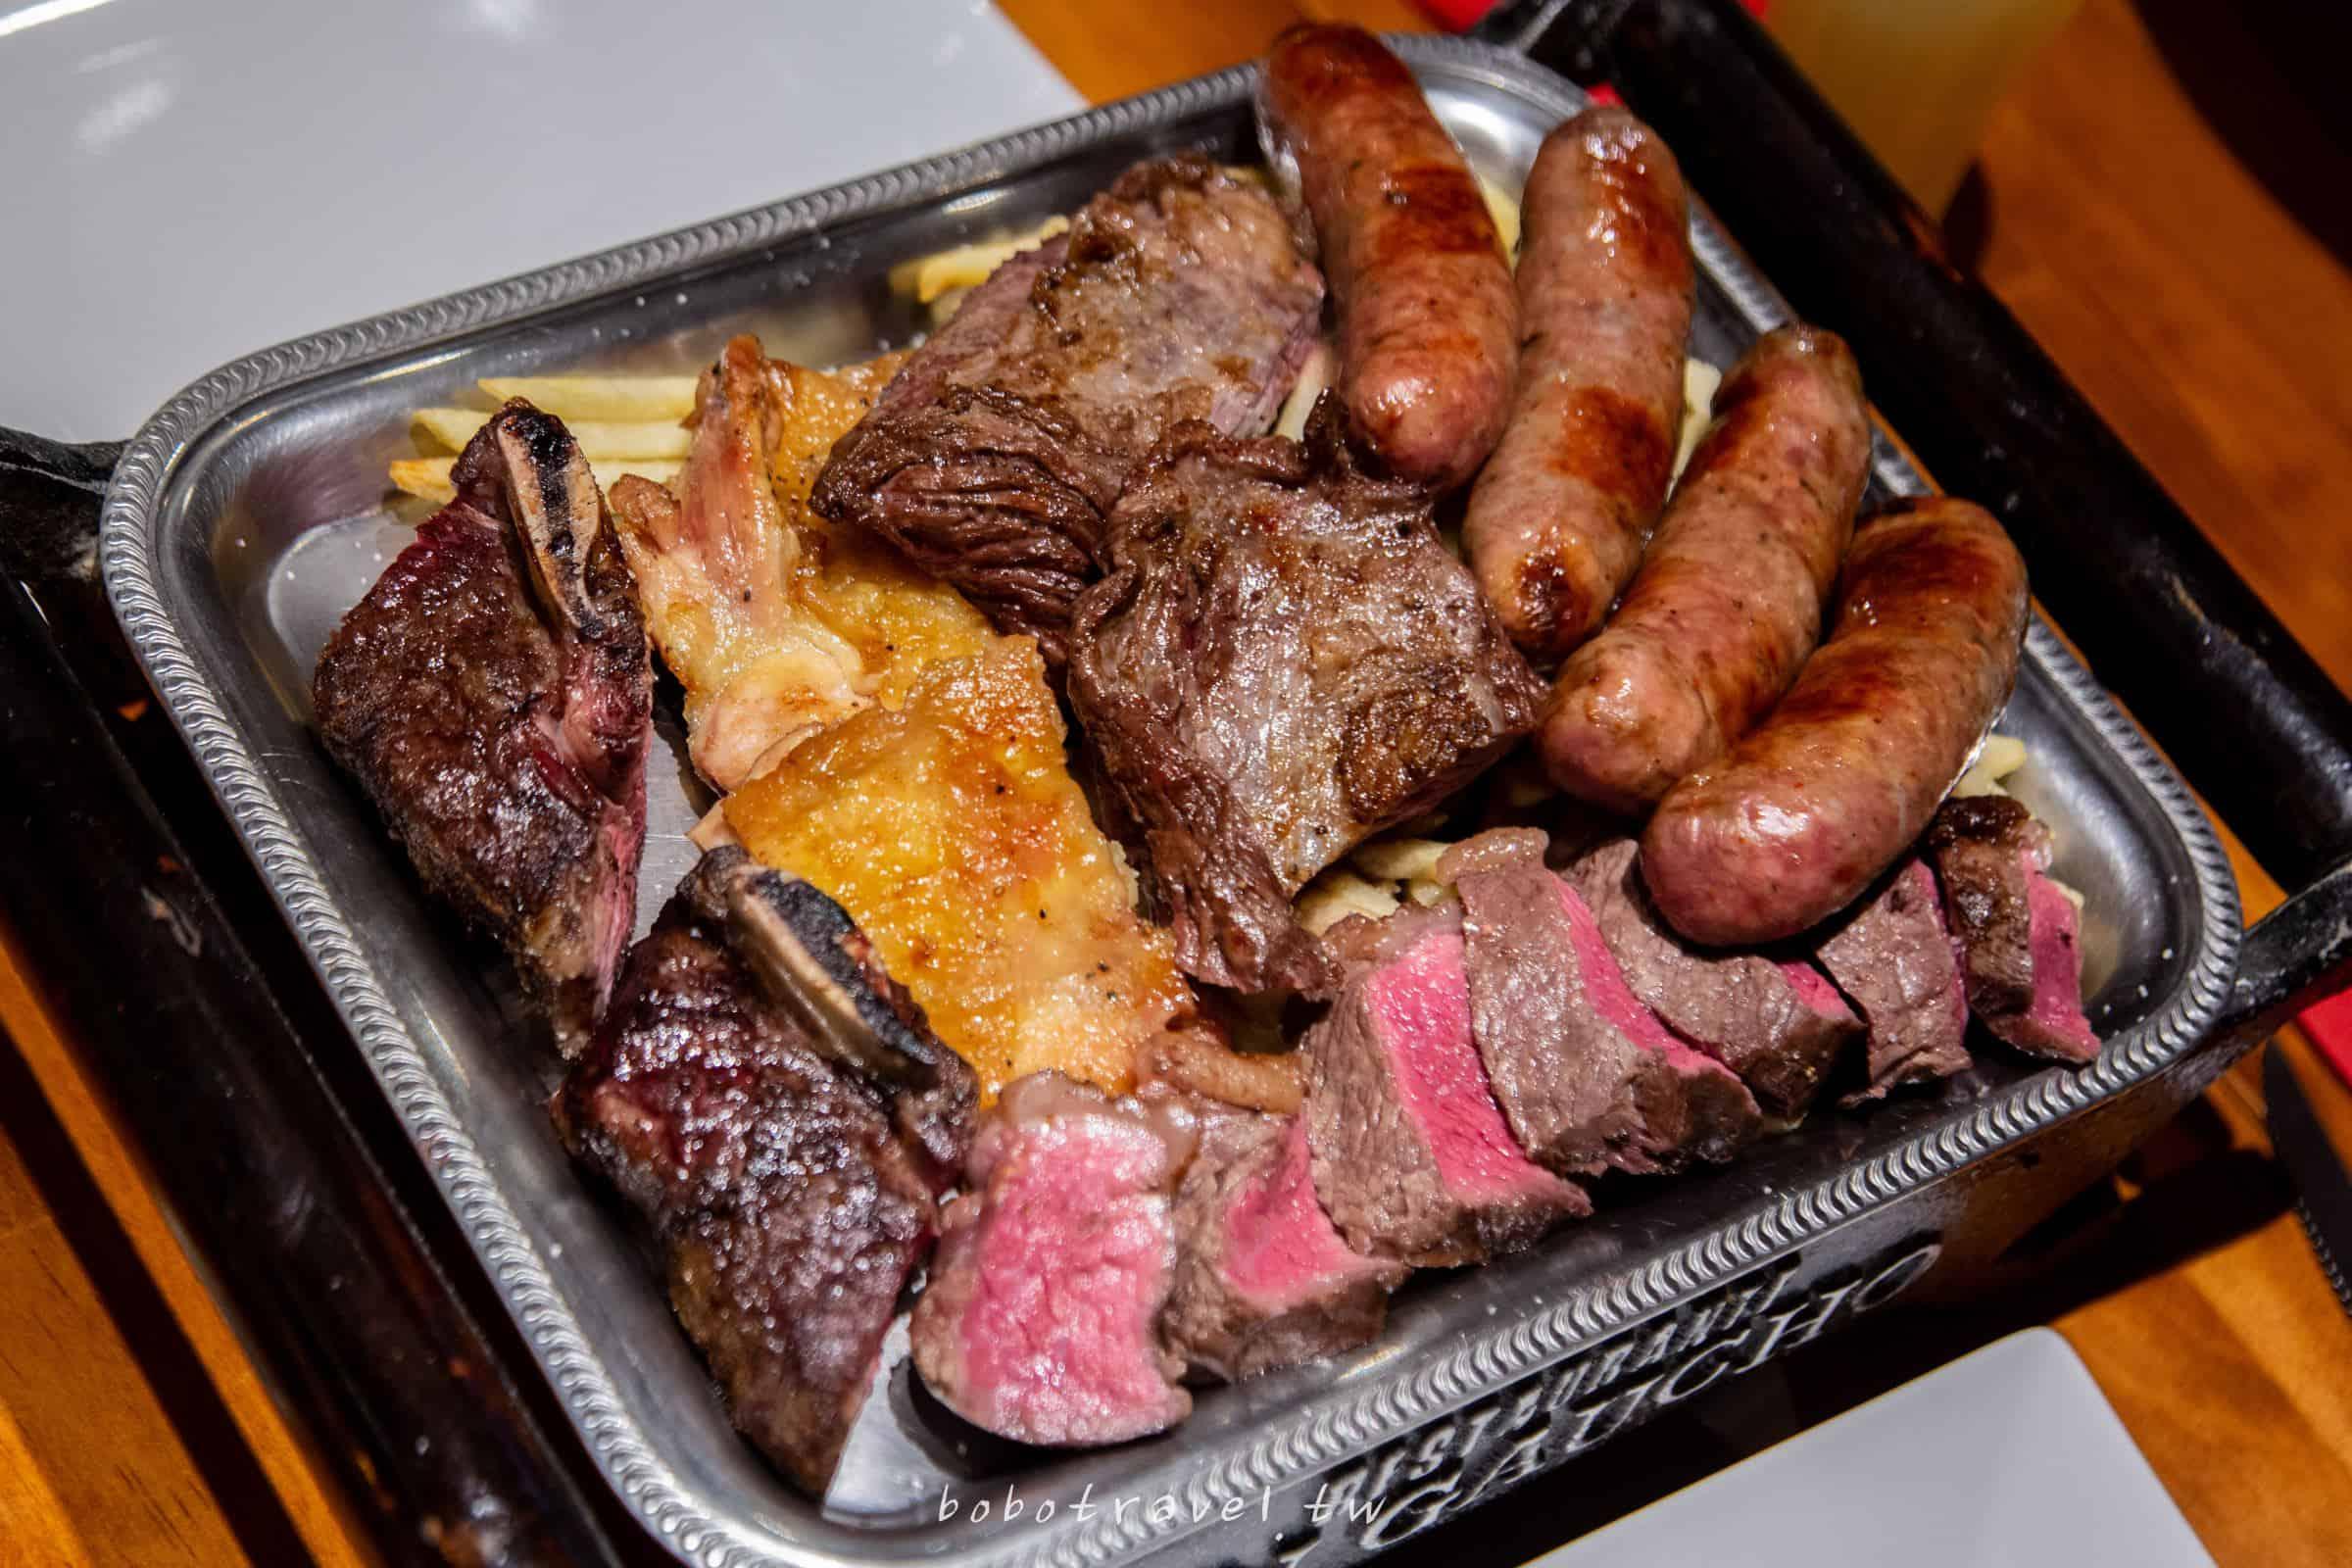 東京美食、Don Gaucho BBQ 阿根廷料理|想要大口吃肉看這裡!三種炭烤牛排和浮誇前菜,來一場探戈般的狂野肉食派對